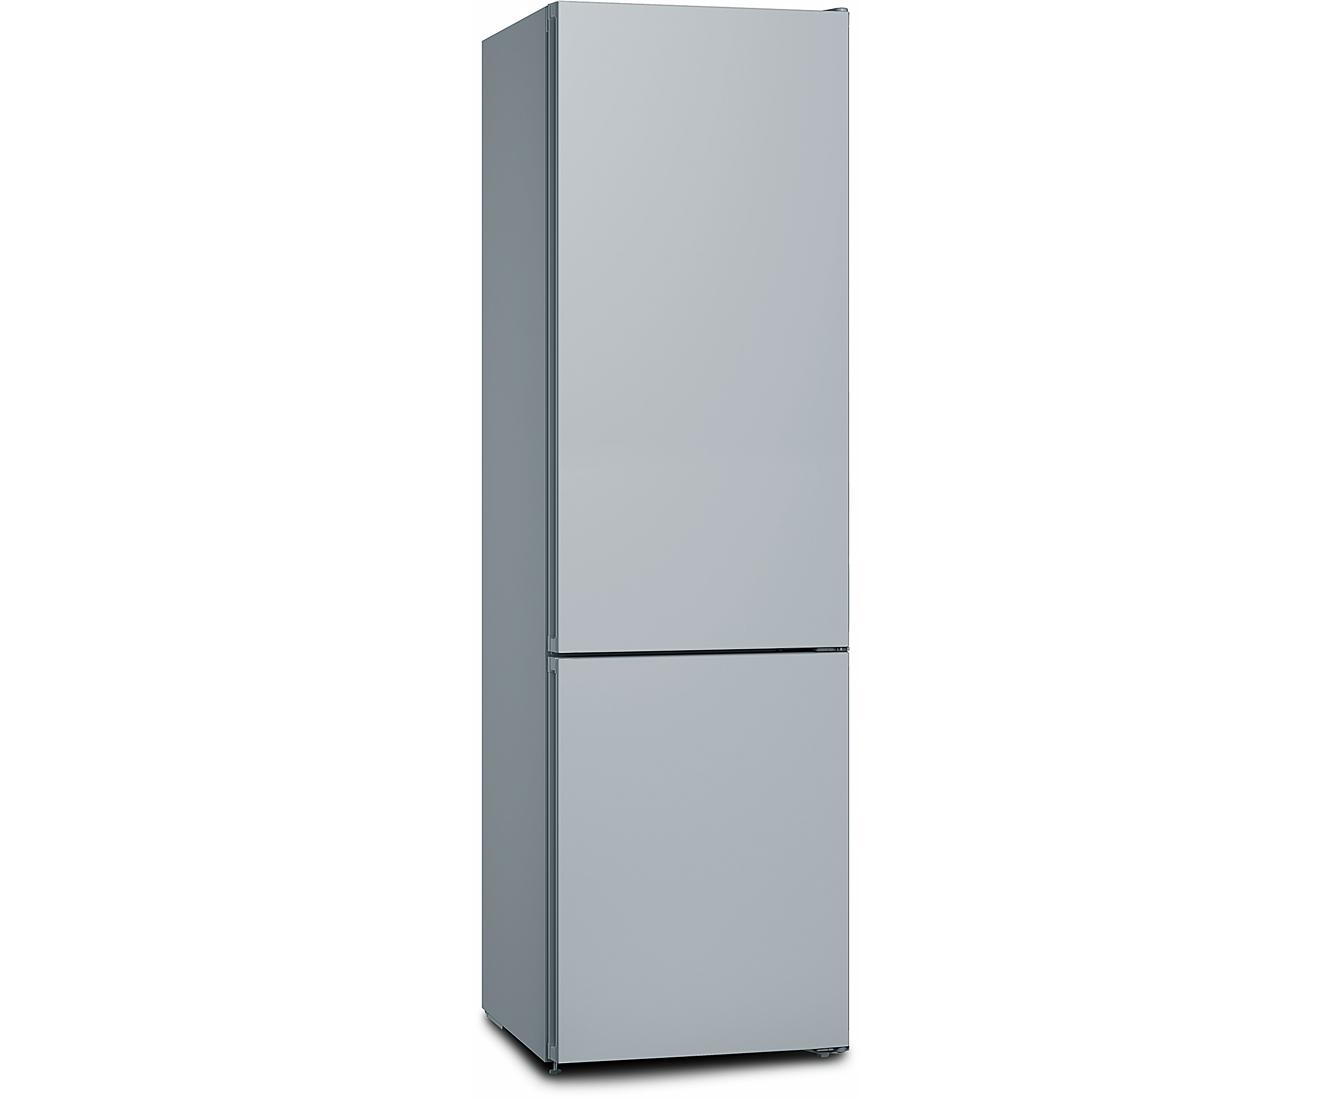 Bosch Serie 4 KGN39IJ3A Koelvriescombinaties - Grijs